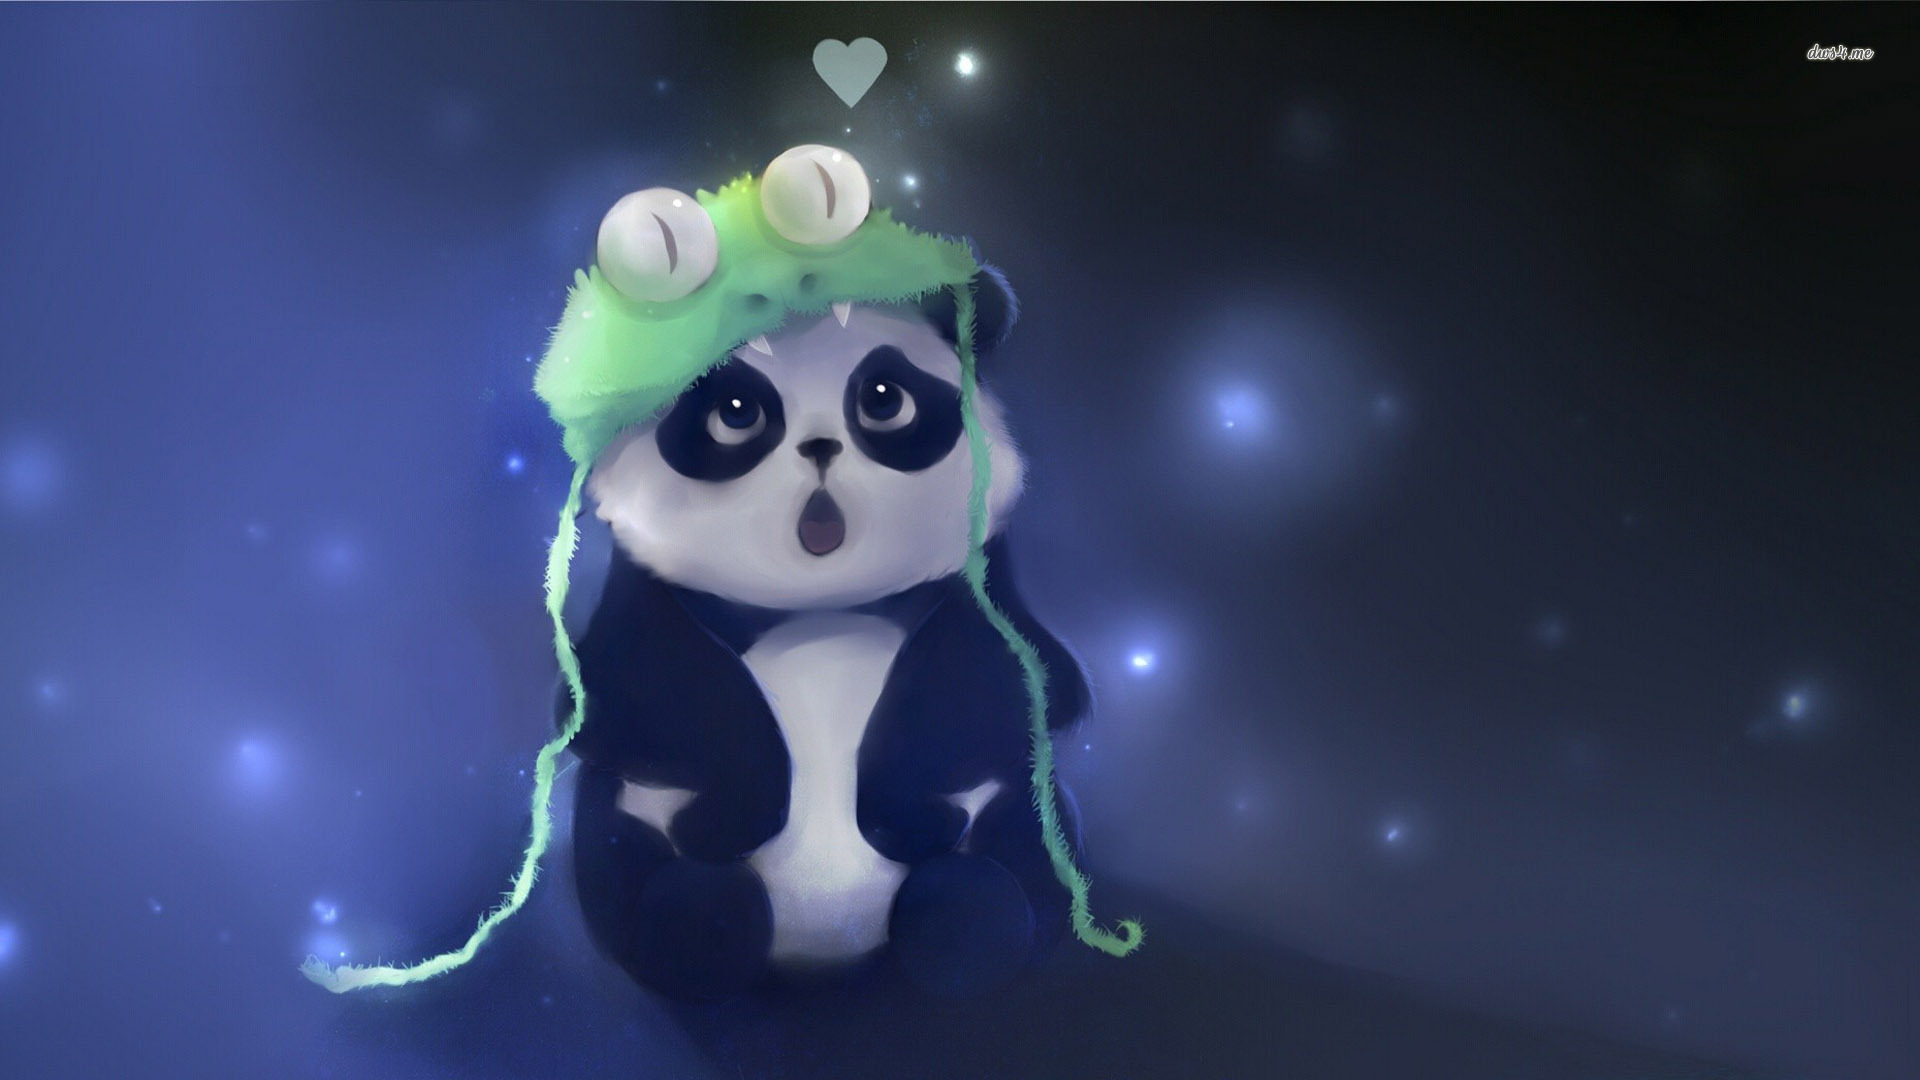 Cute Panda Wallpaper 1920x1080 Desktopwallpapers4me